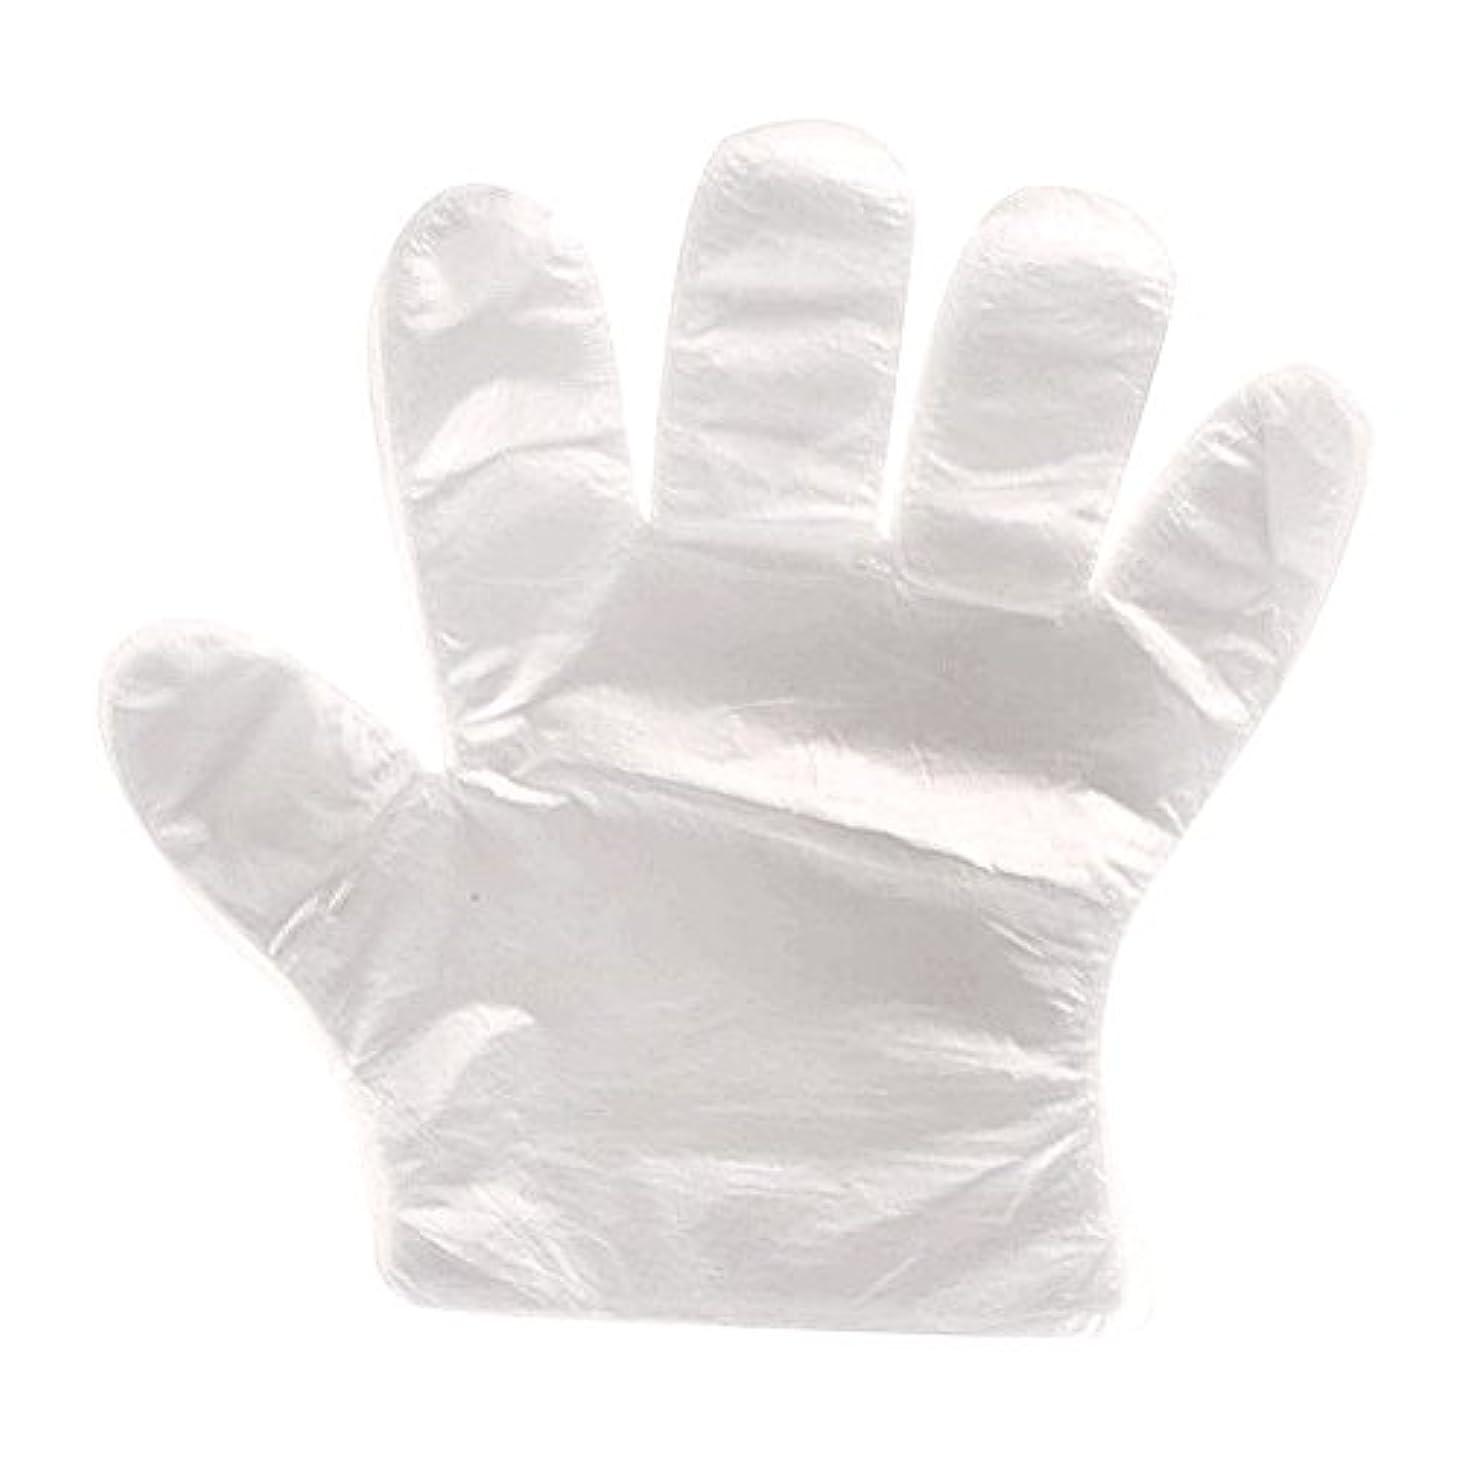 ヒステリックひも新しさ使い捨て手袋 極薄ビニール手袋 透明 実用 衛生 調理に?お掃除に?毛染めに 100枚/セット 食品衛生法適合